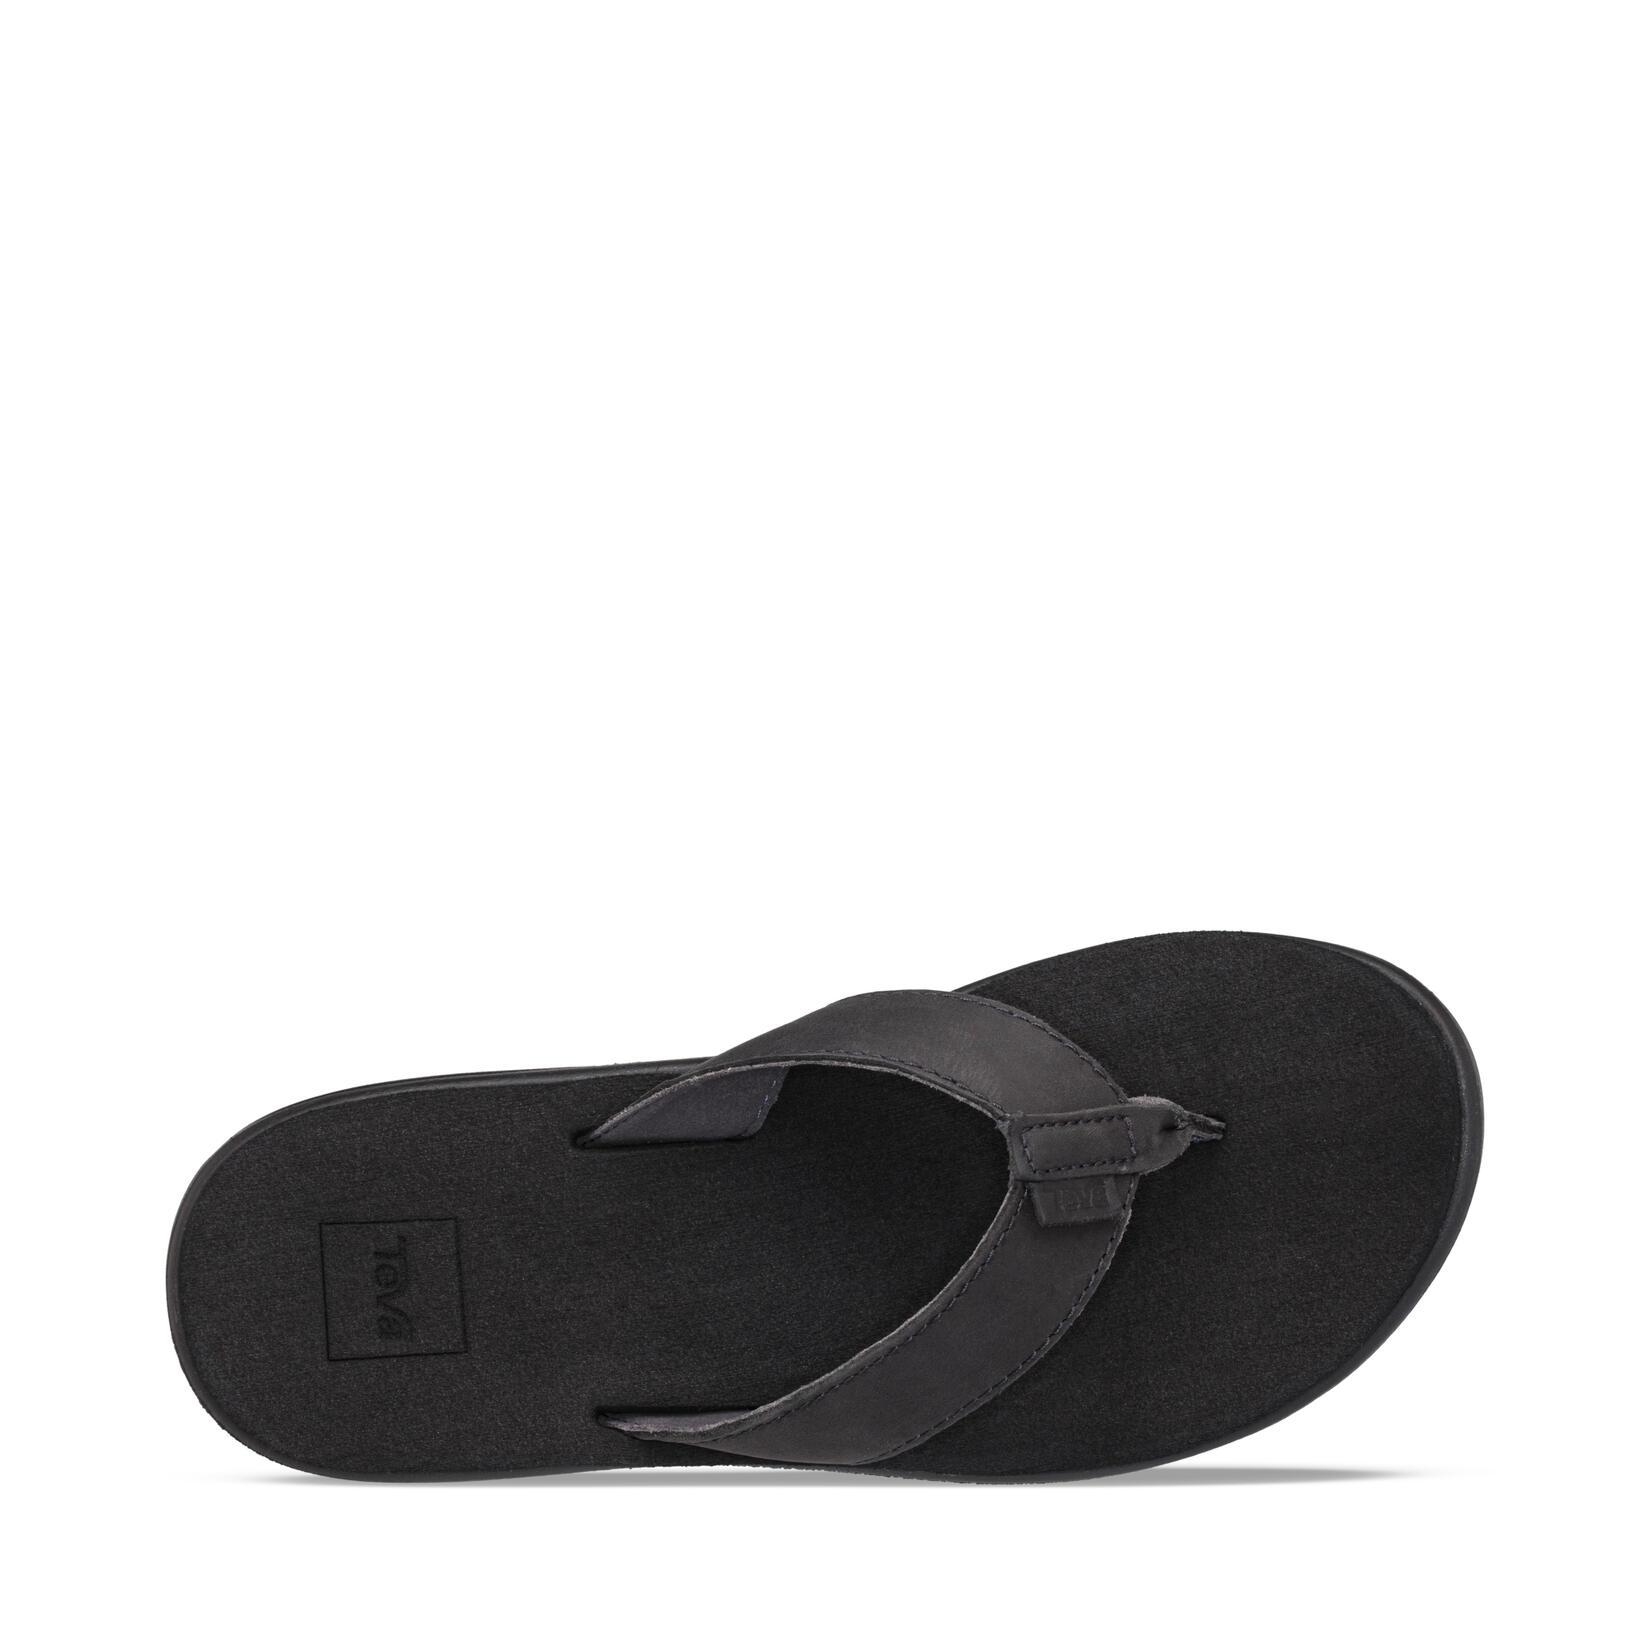 Voya Flip Leather